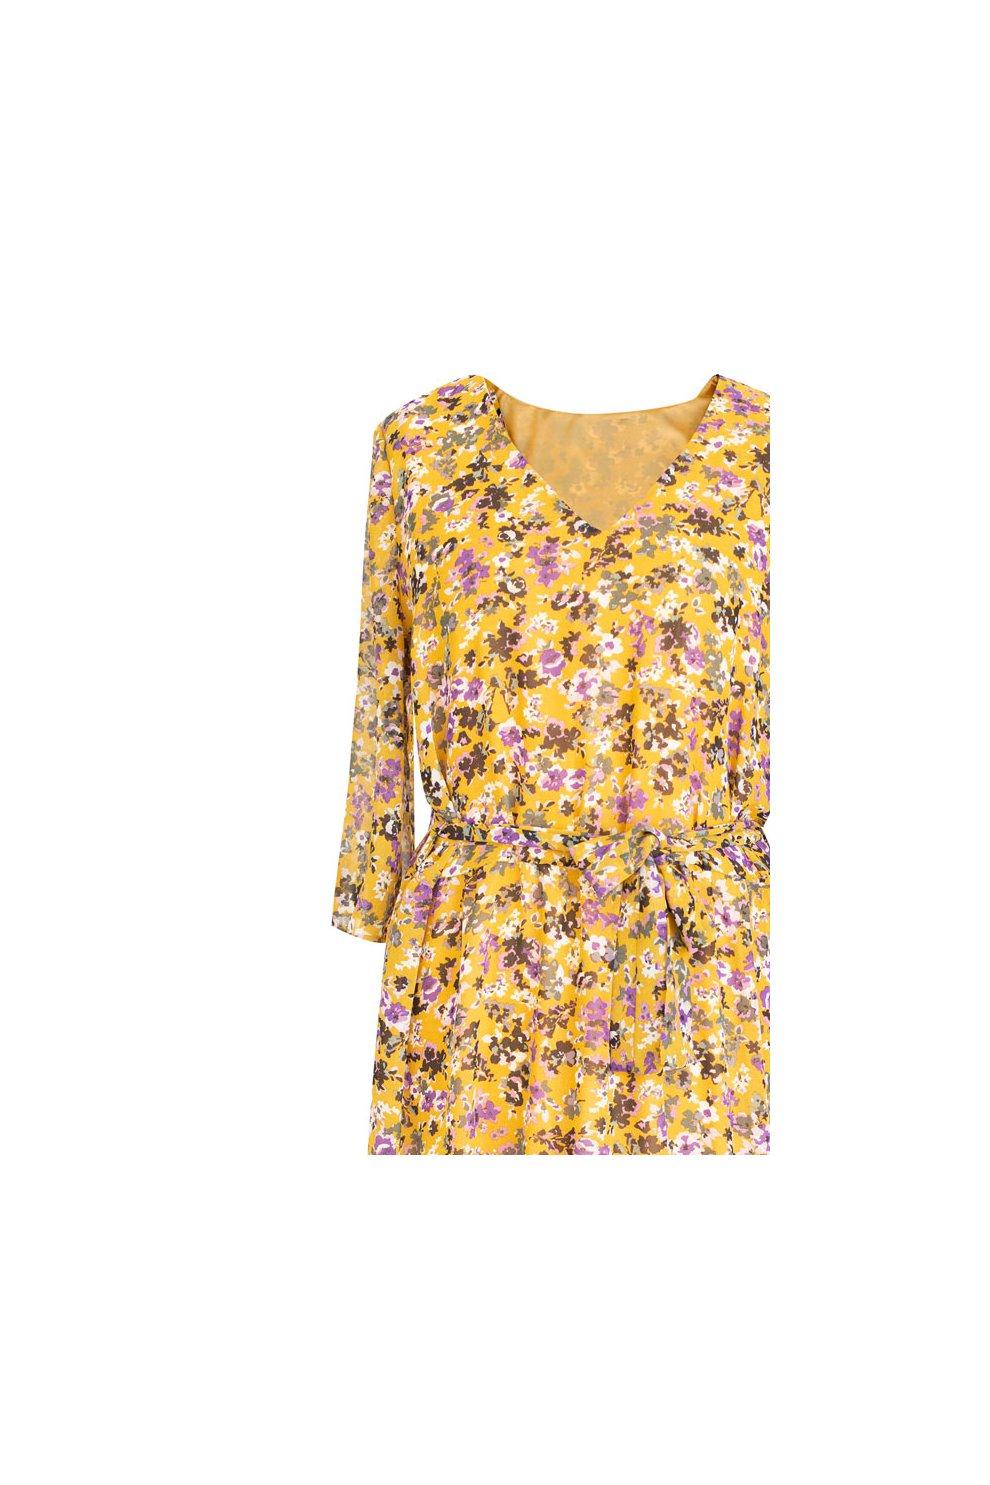 8ce2303479 Żółta sukienka Maxi 7 8 w kwiatki L AMOUR